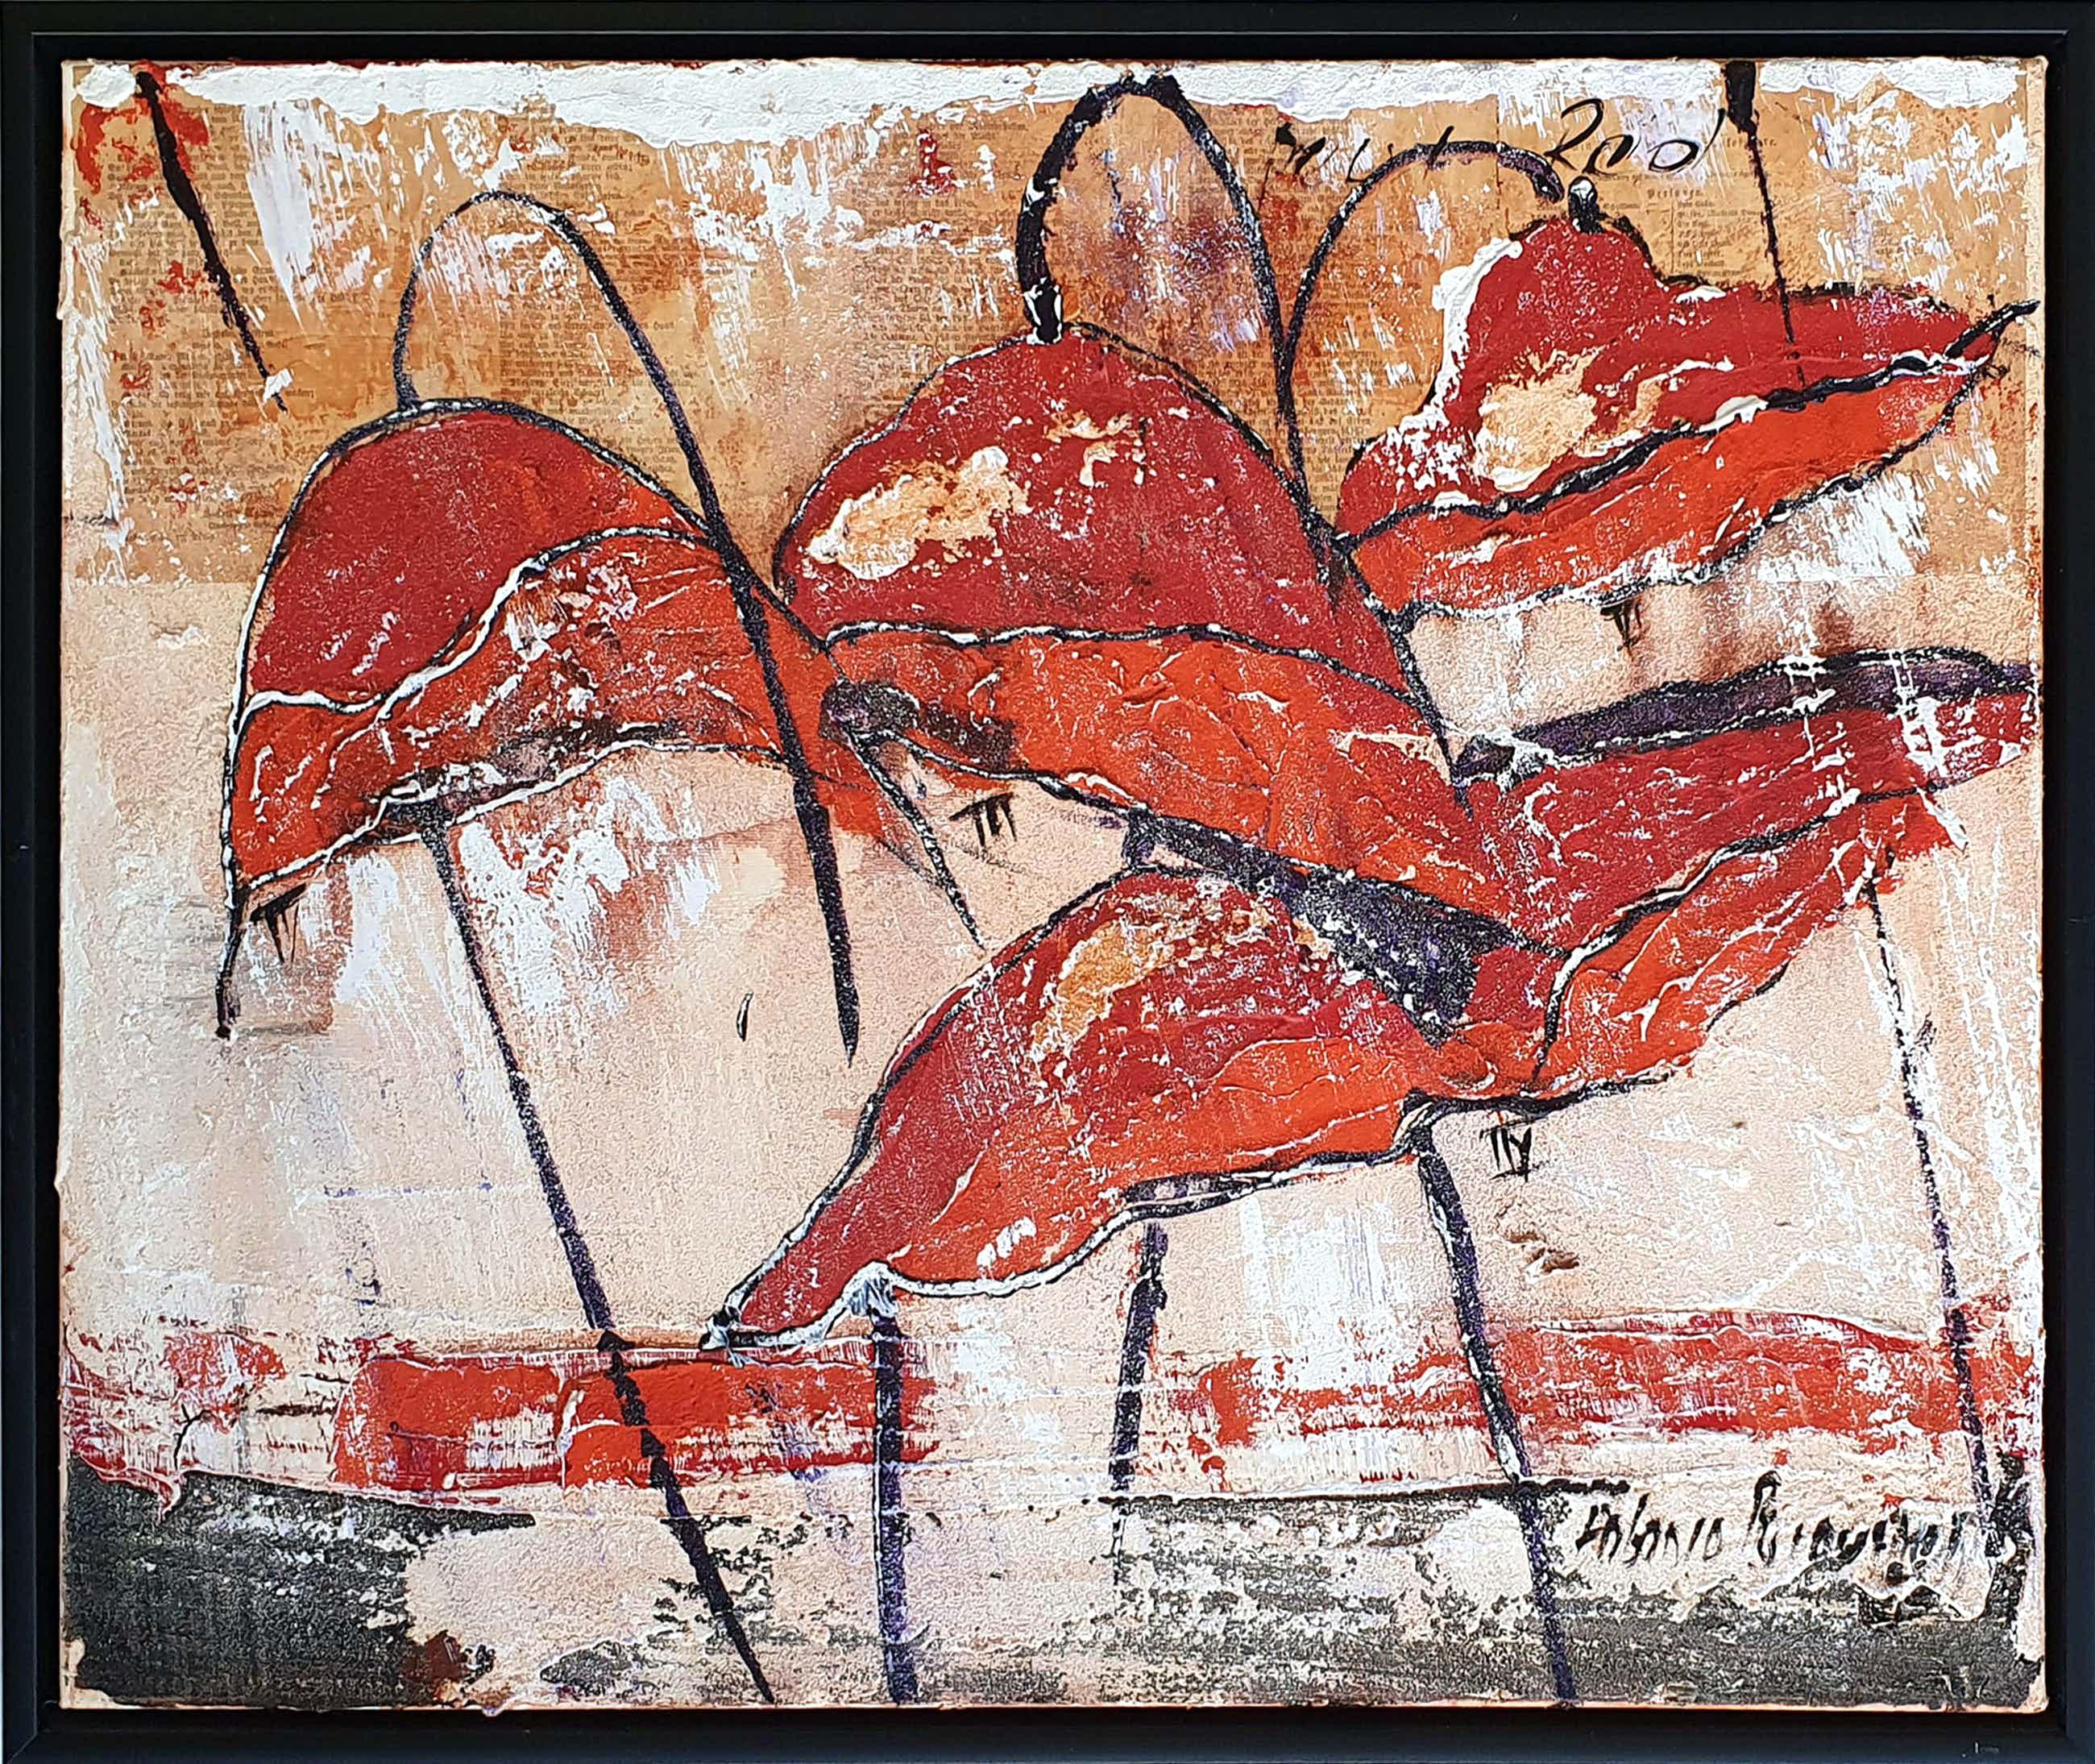 """Antonio Poioumen - """"Pure Red"""" Gemengde techniek op doek - Ingelijst kopen? Bied vanaf 180!"""